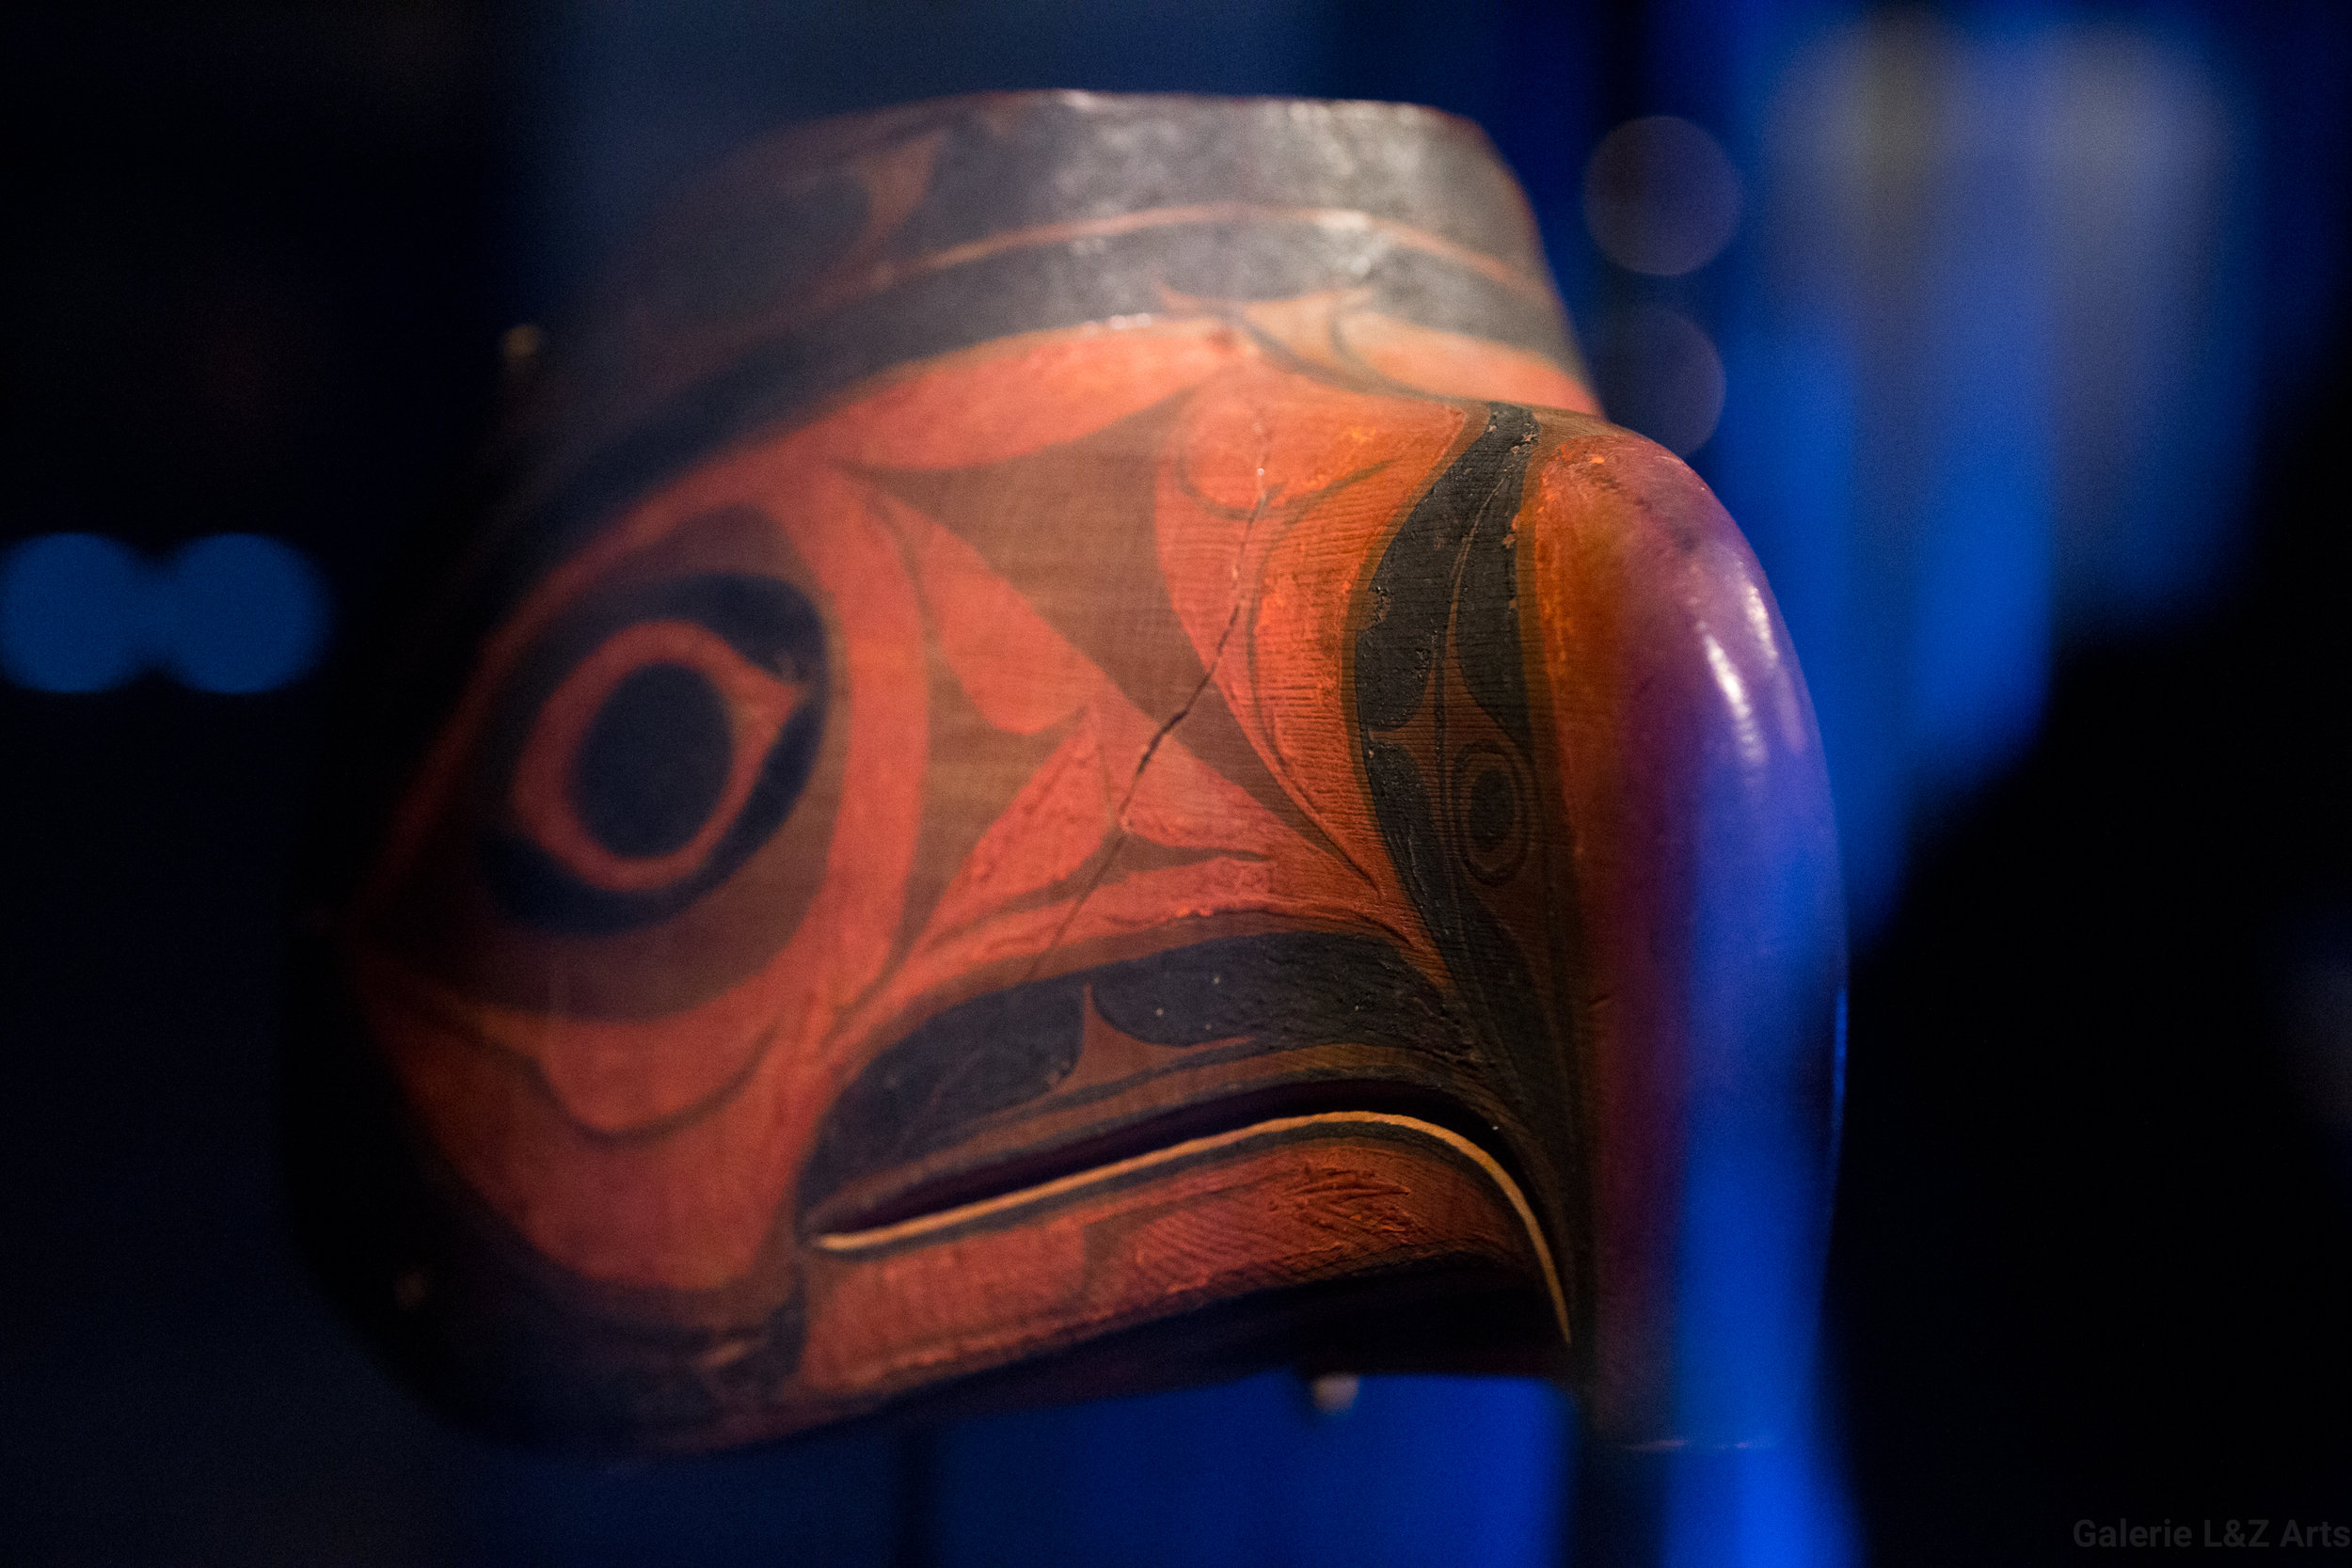 exposition-masque-art-tribal-africain-musee-quai-branly-belgique-galerie-lz-arts-liege-cite-miroir-oceanie-asie-japon-amerique-art-premier-nepal-30.jpg